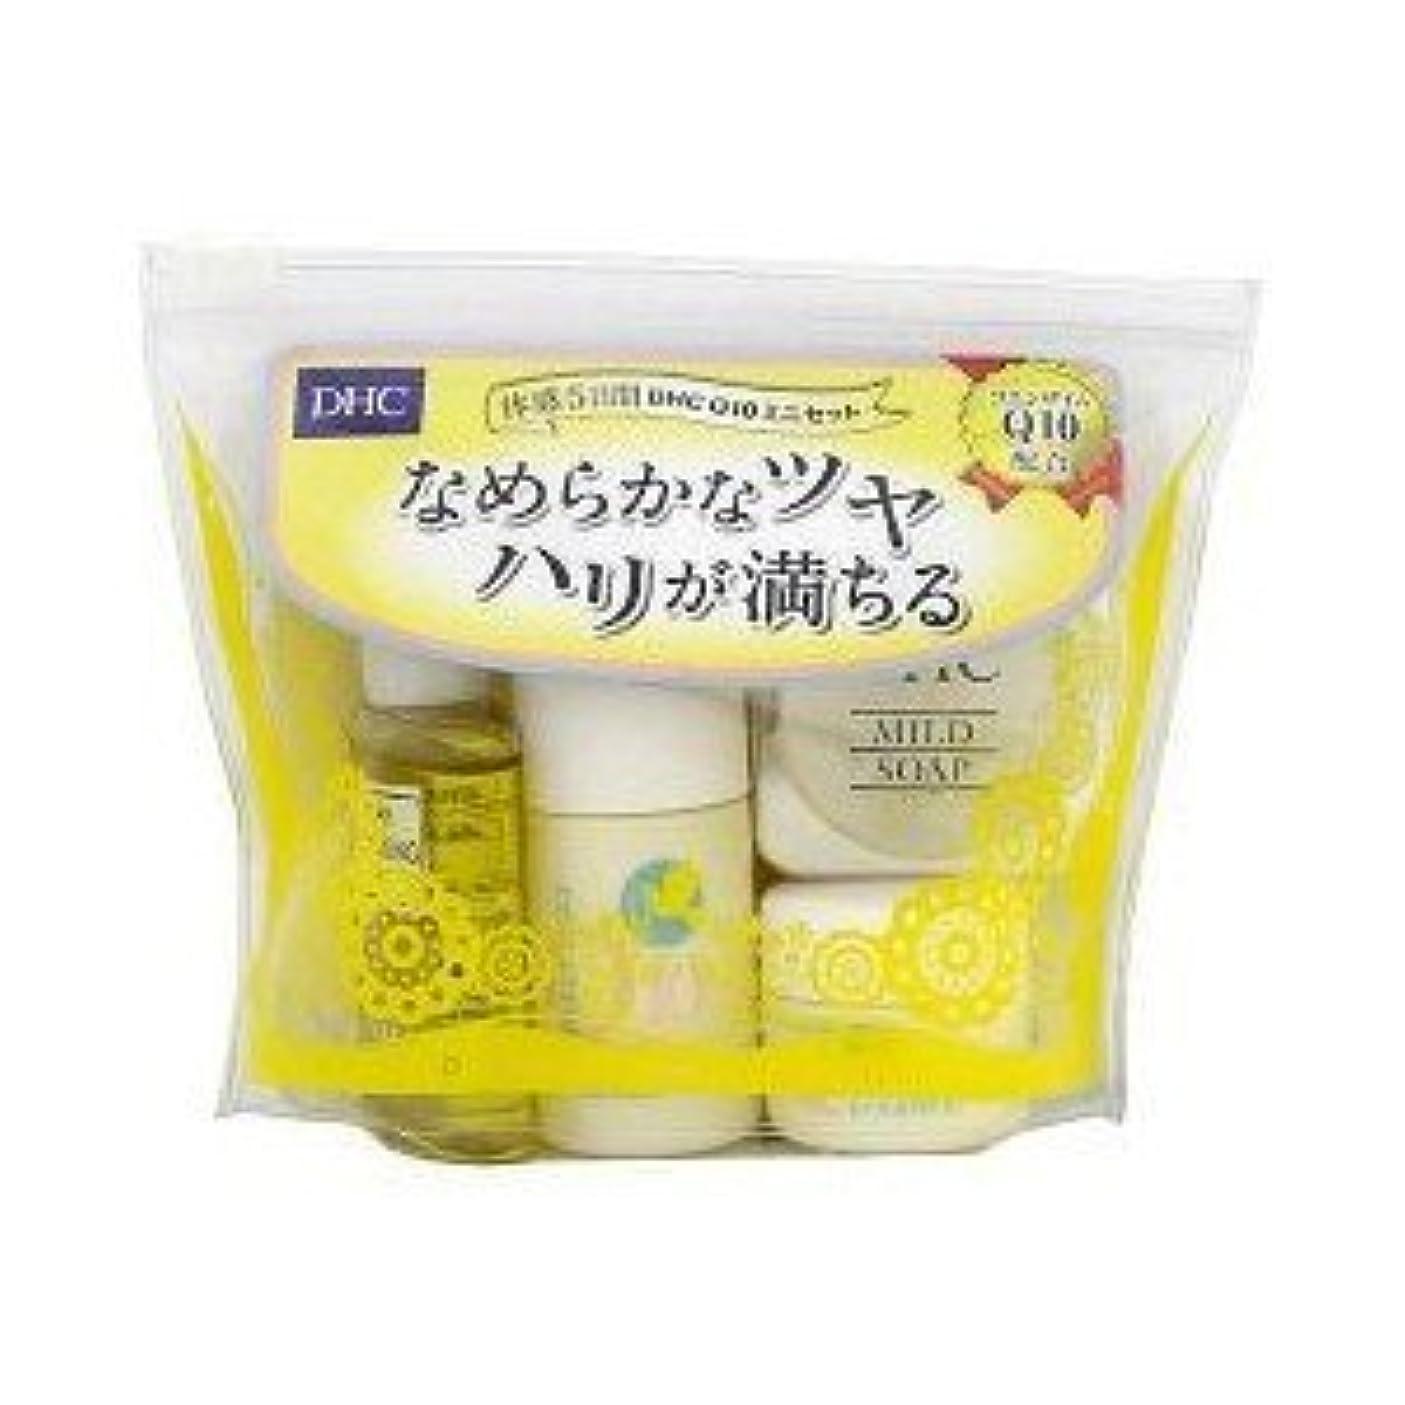 電報解任ルビーDHC Q10 ミニセット(医薬部外品)